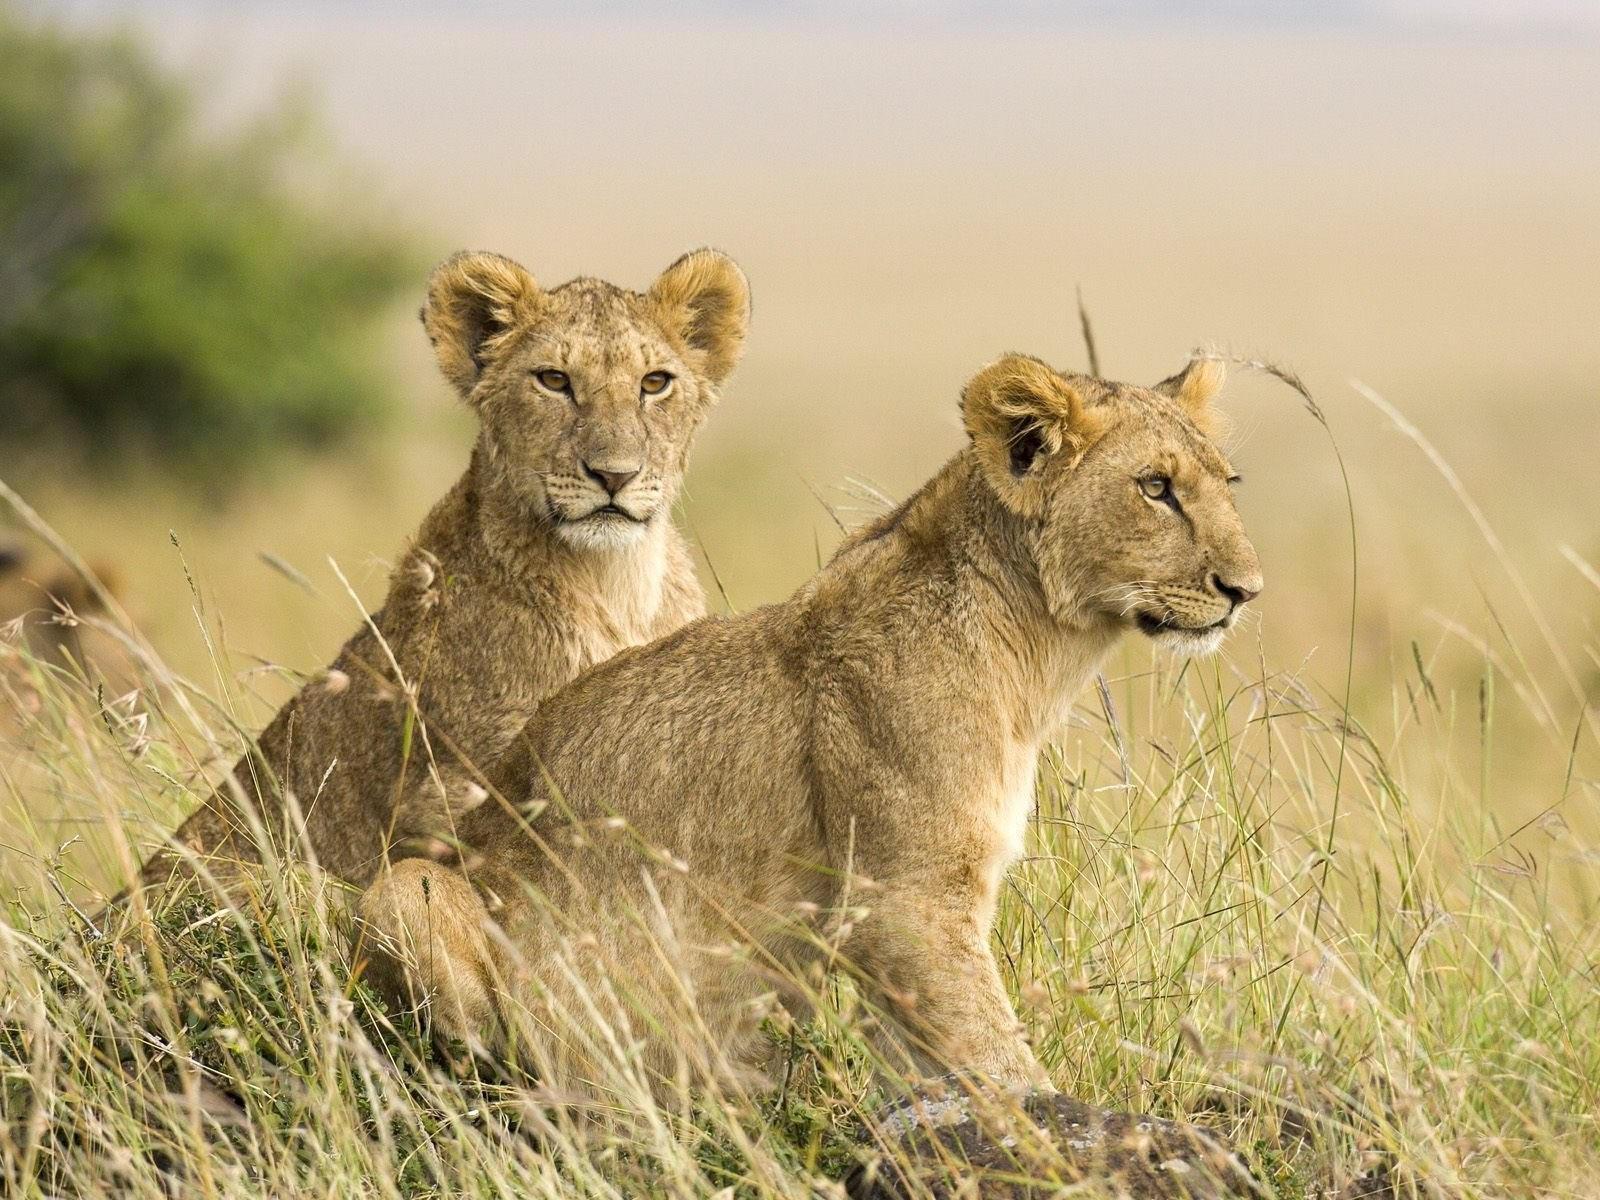 Два львёнка в траве